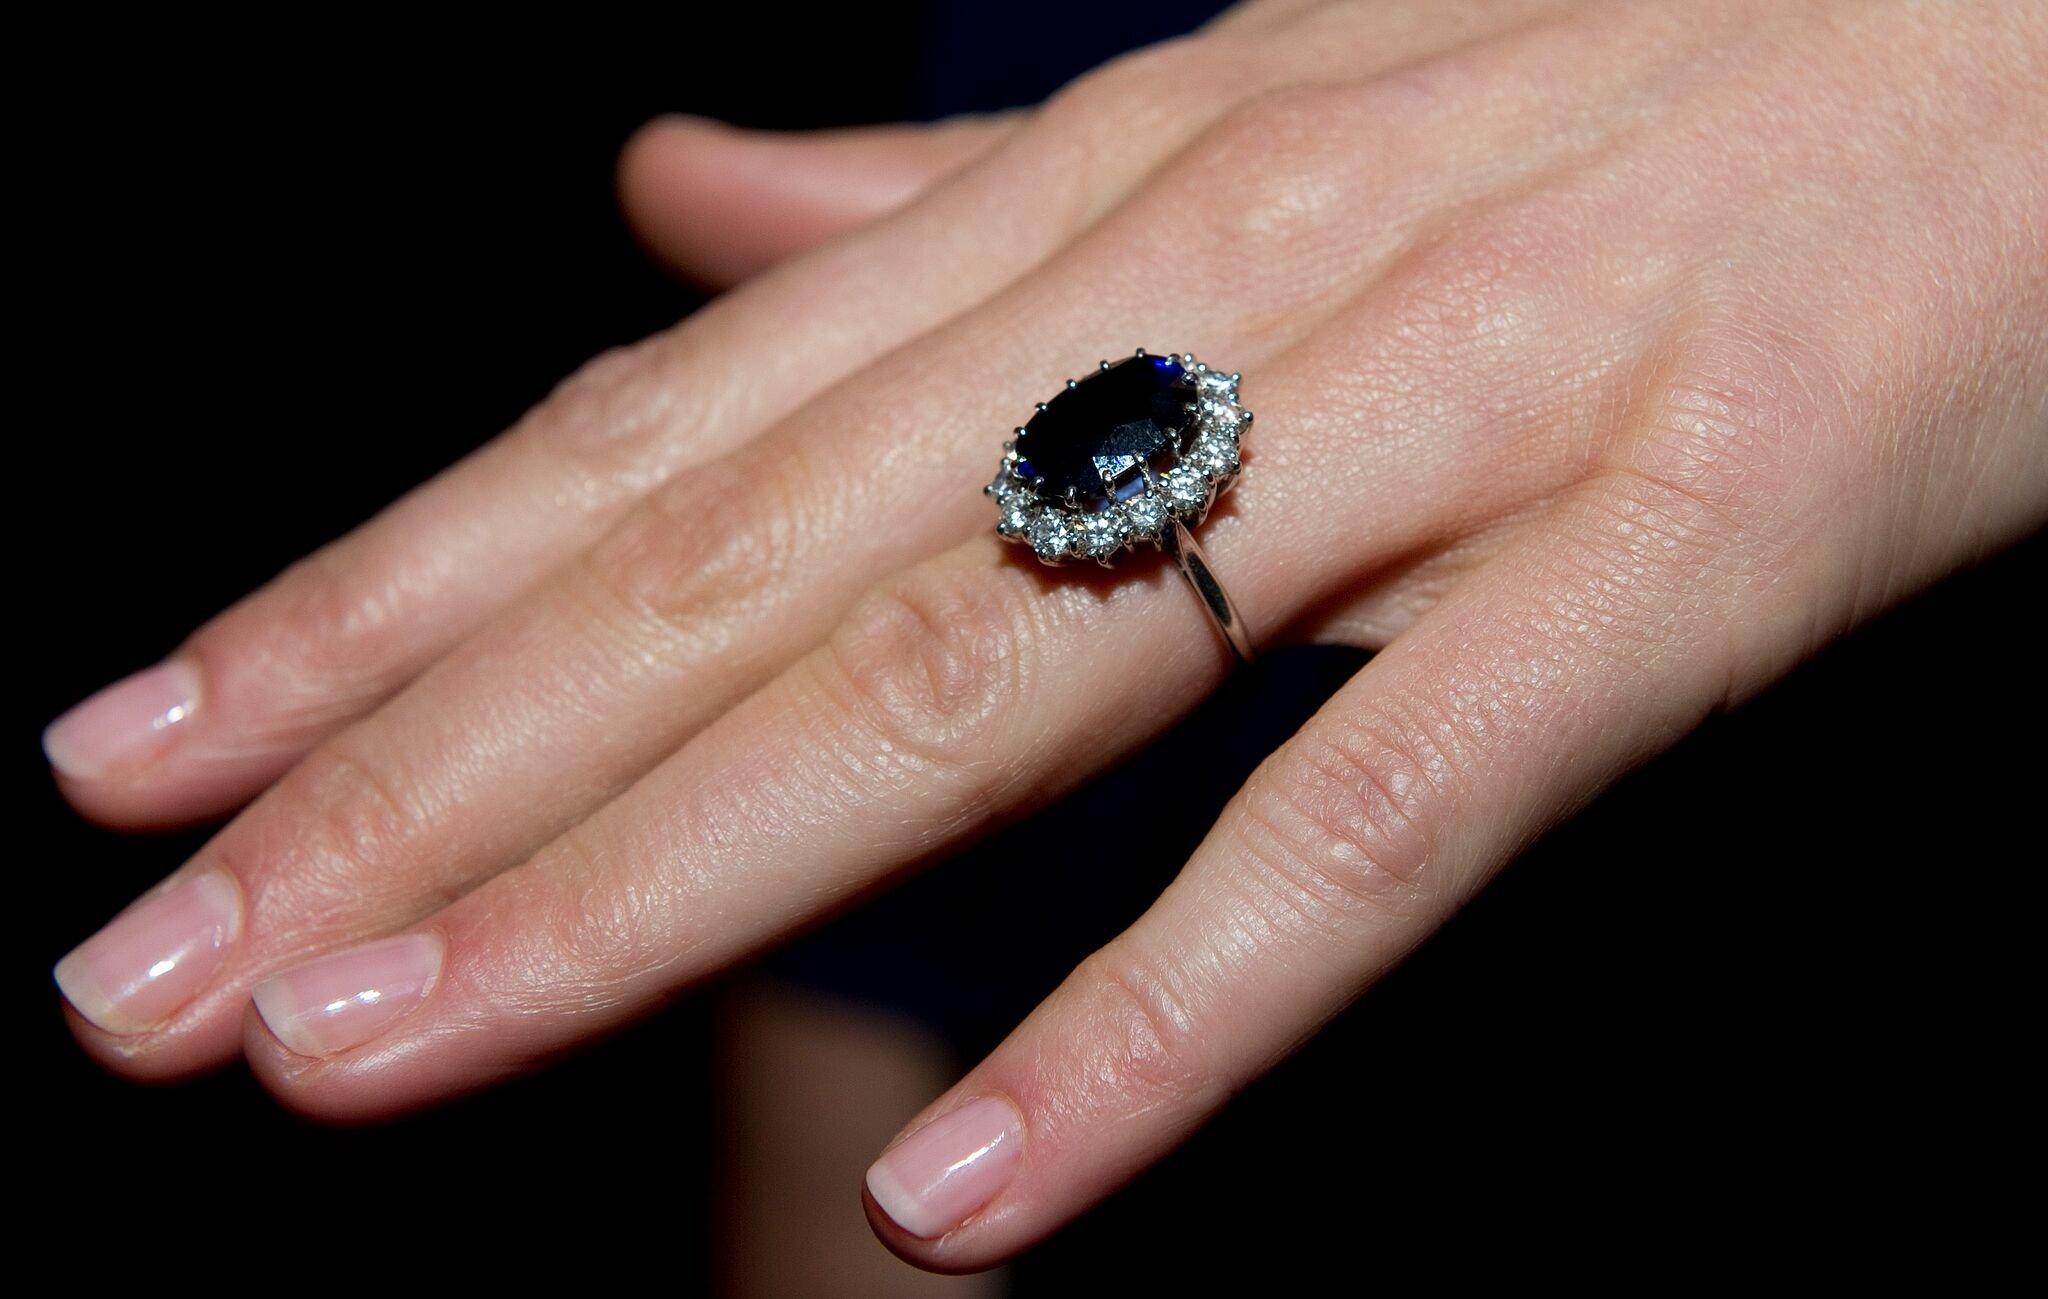 Bague de fiançailles en saphir de la princesse Diana   Photo :  Getty Images/ Global Images Ukraine